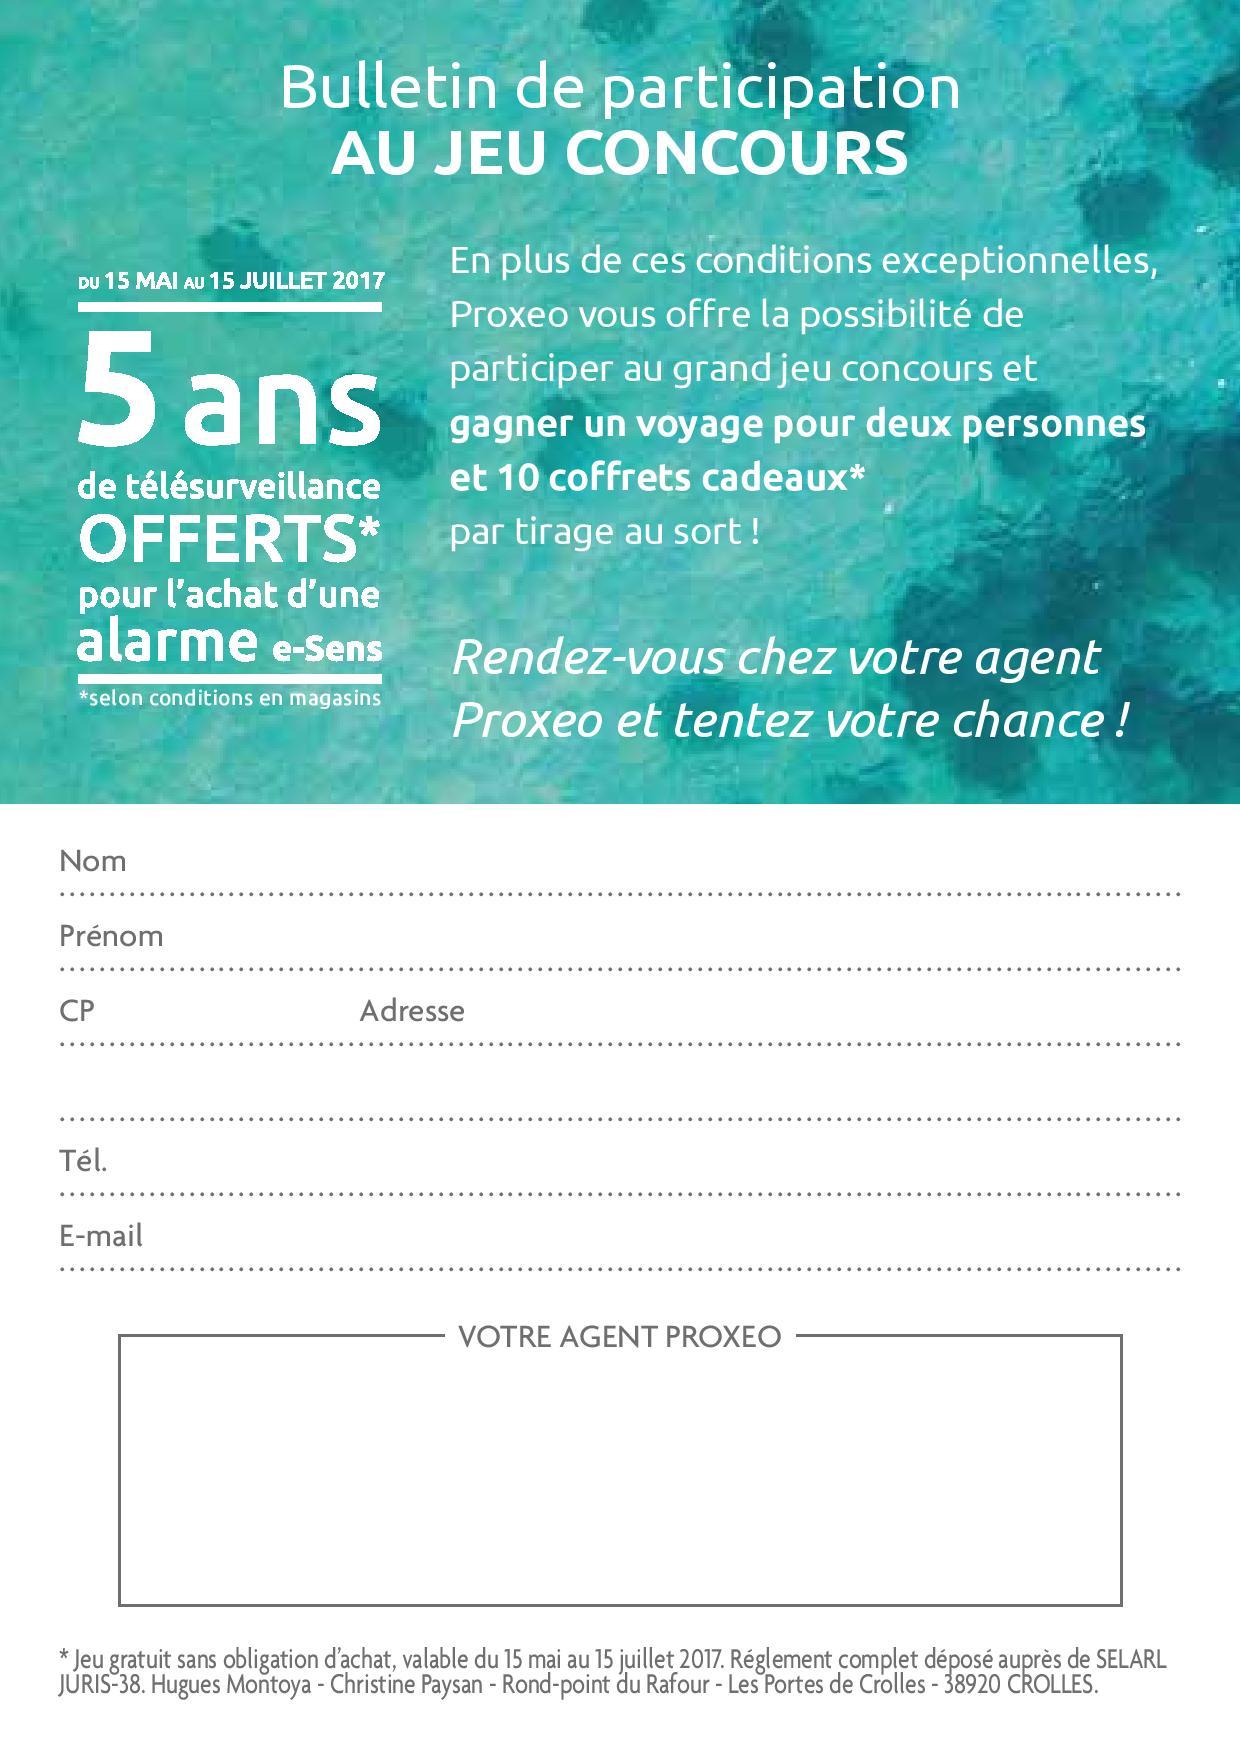 Grand Jeu Concours Proxeo Alarme Sans Fil La Securite De Votre Maison Et De Votre Entreprise Dans Le Jura Pres De Dole